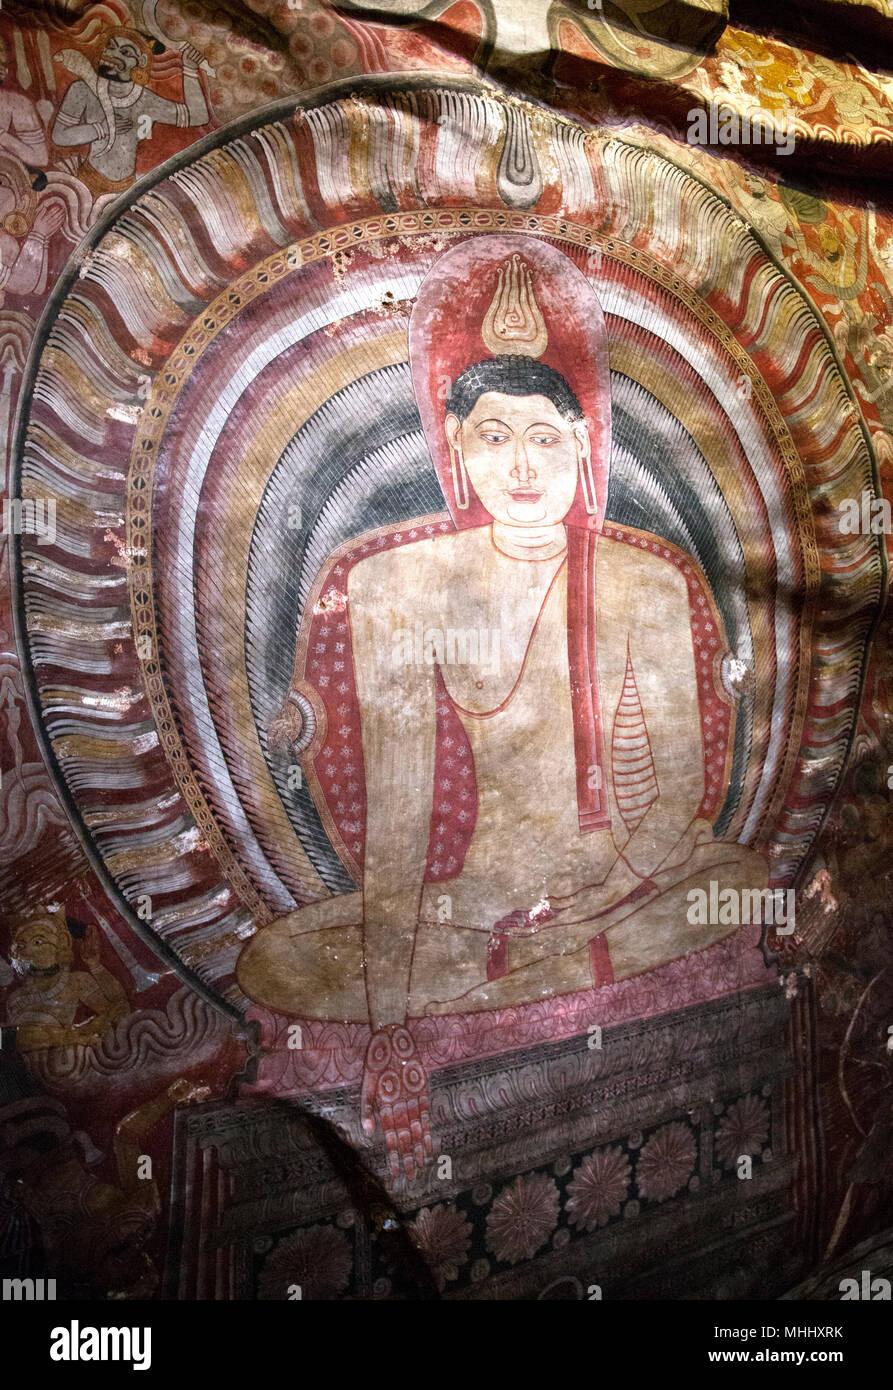 Dambulla Sri Lanka Dambulla Höhlentempel - Höhle II Maharaja Viharaya Malerei des Buddha In Varada Mudra-Geste der Nächstenliebe und Mitgefühl Stockbild